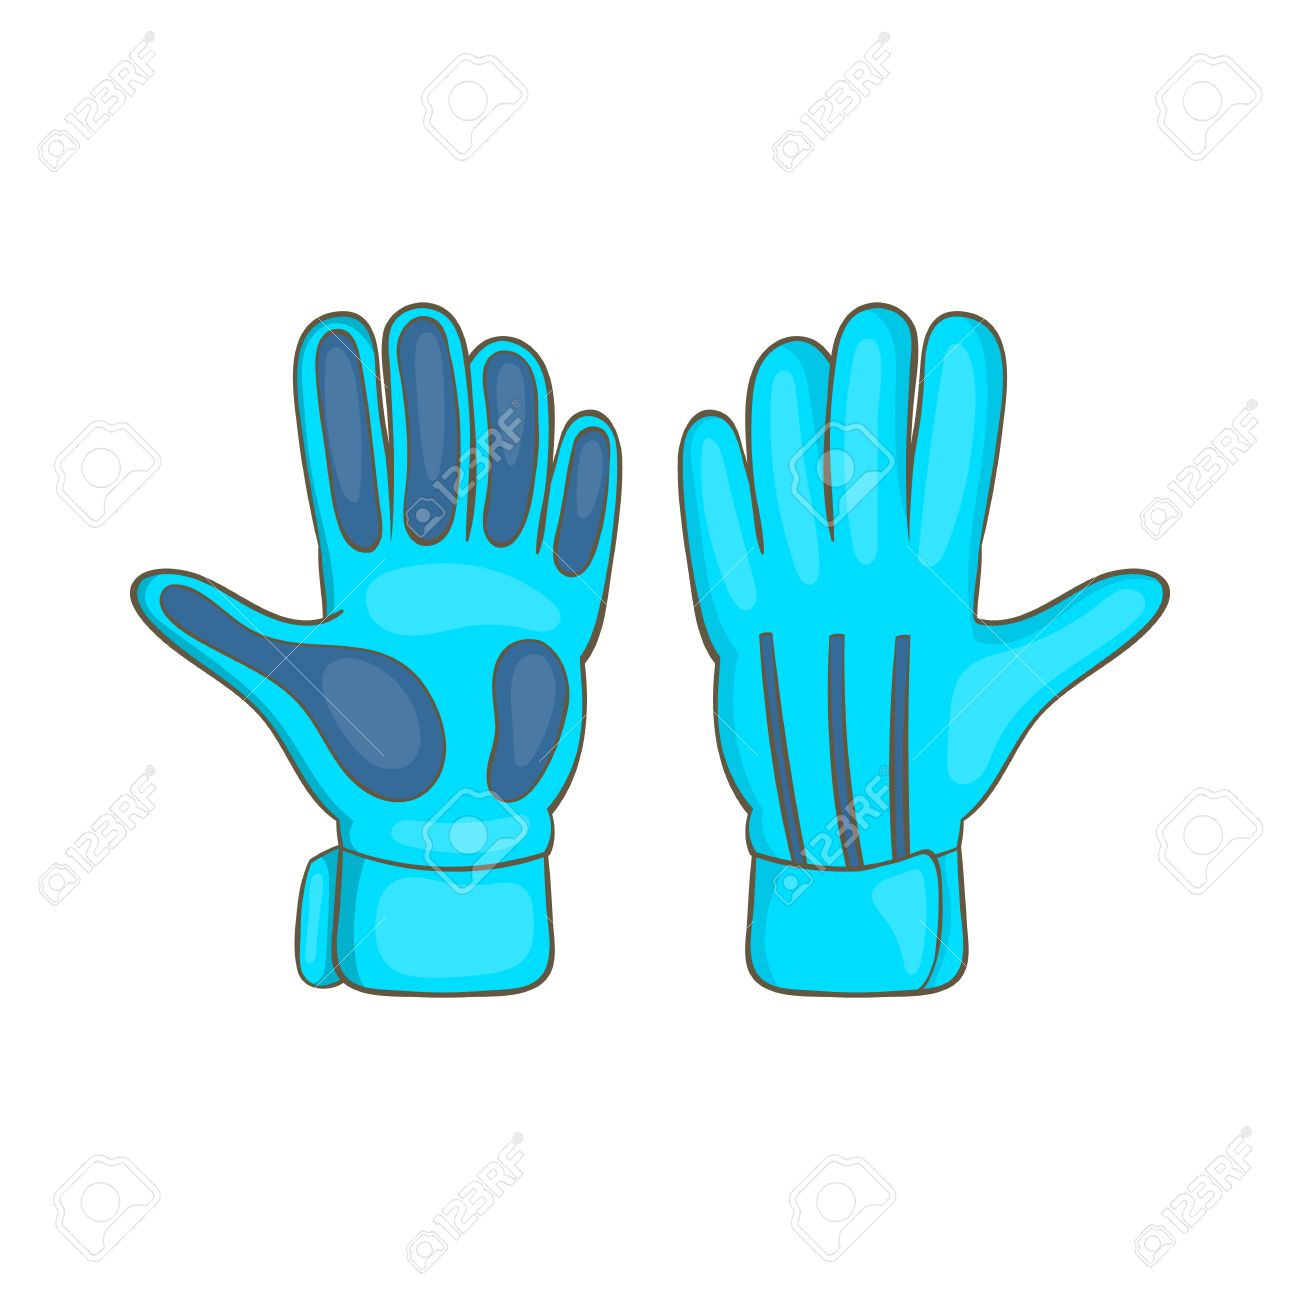 ab8484bb1b0d7 Foto de archivo - Fútbol icono de guantes de portero en el estilo de  dibujos animados aislado en el fondo blanco. símbolo del deporte